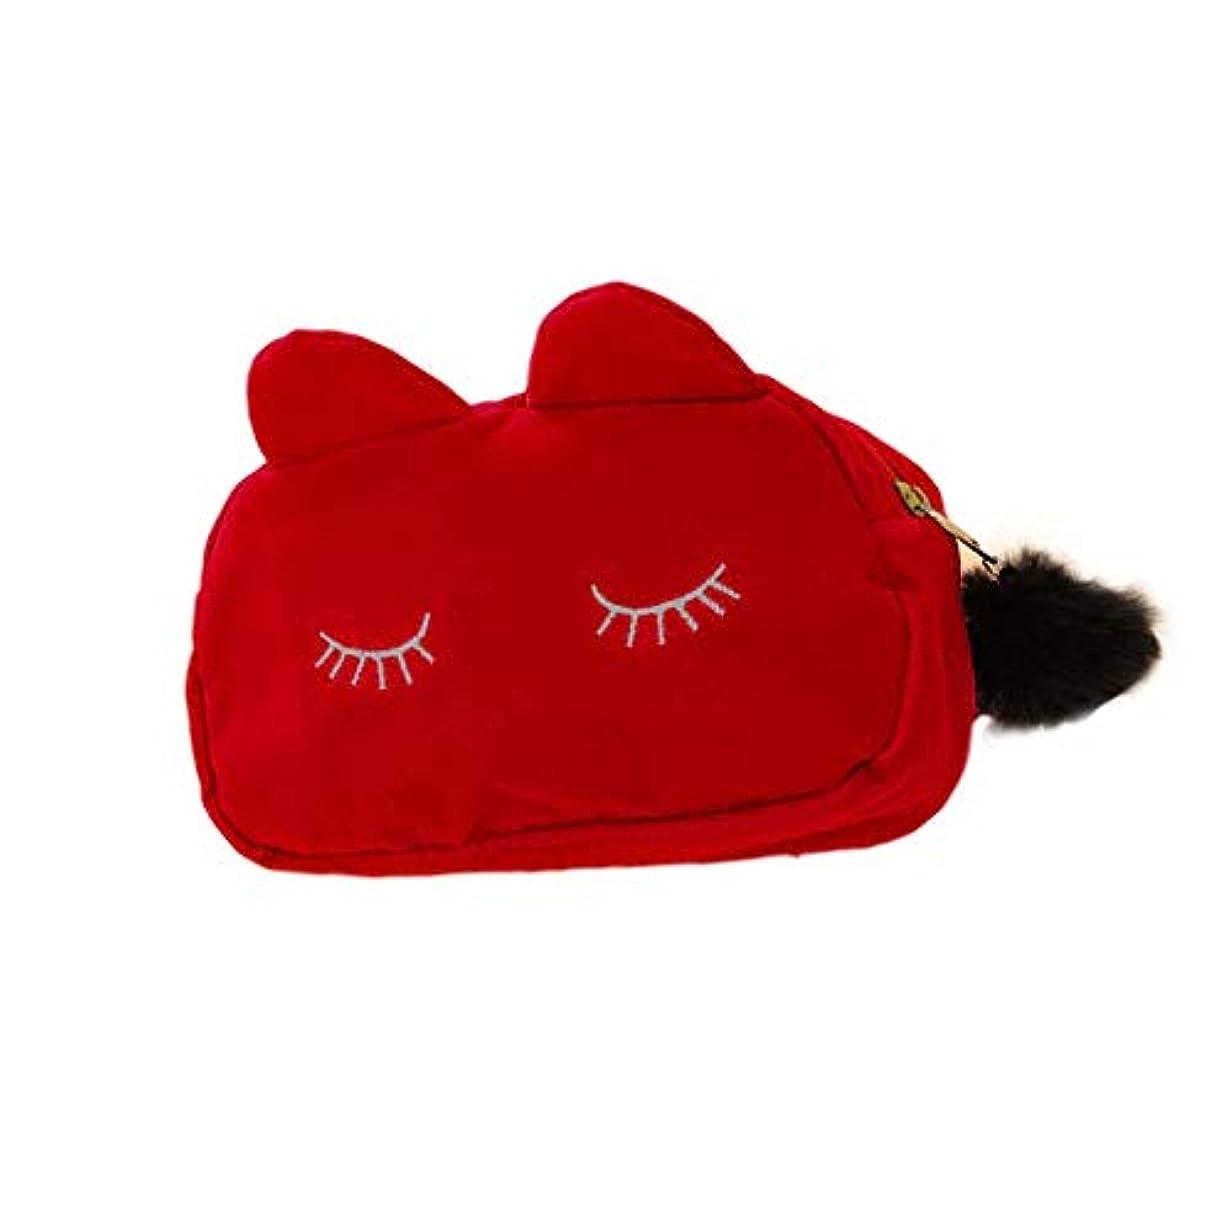 反論者王女ライター猫耳 化粧 コスメ ポーチ 小物入れ ペンケース かわいい 猫 ねこ にゃんこ メイクポーチ レディース